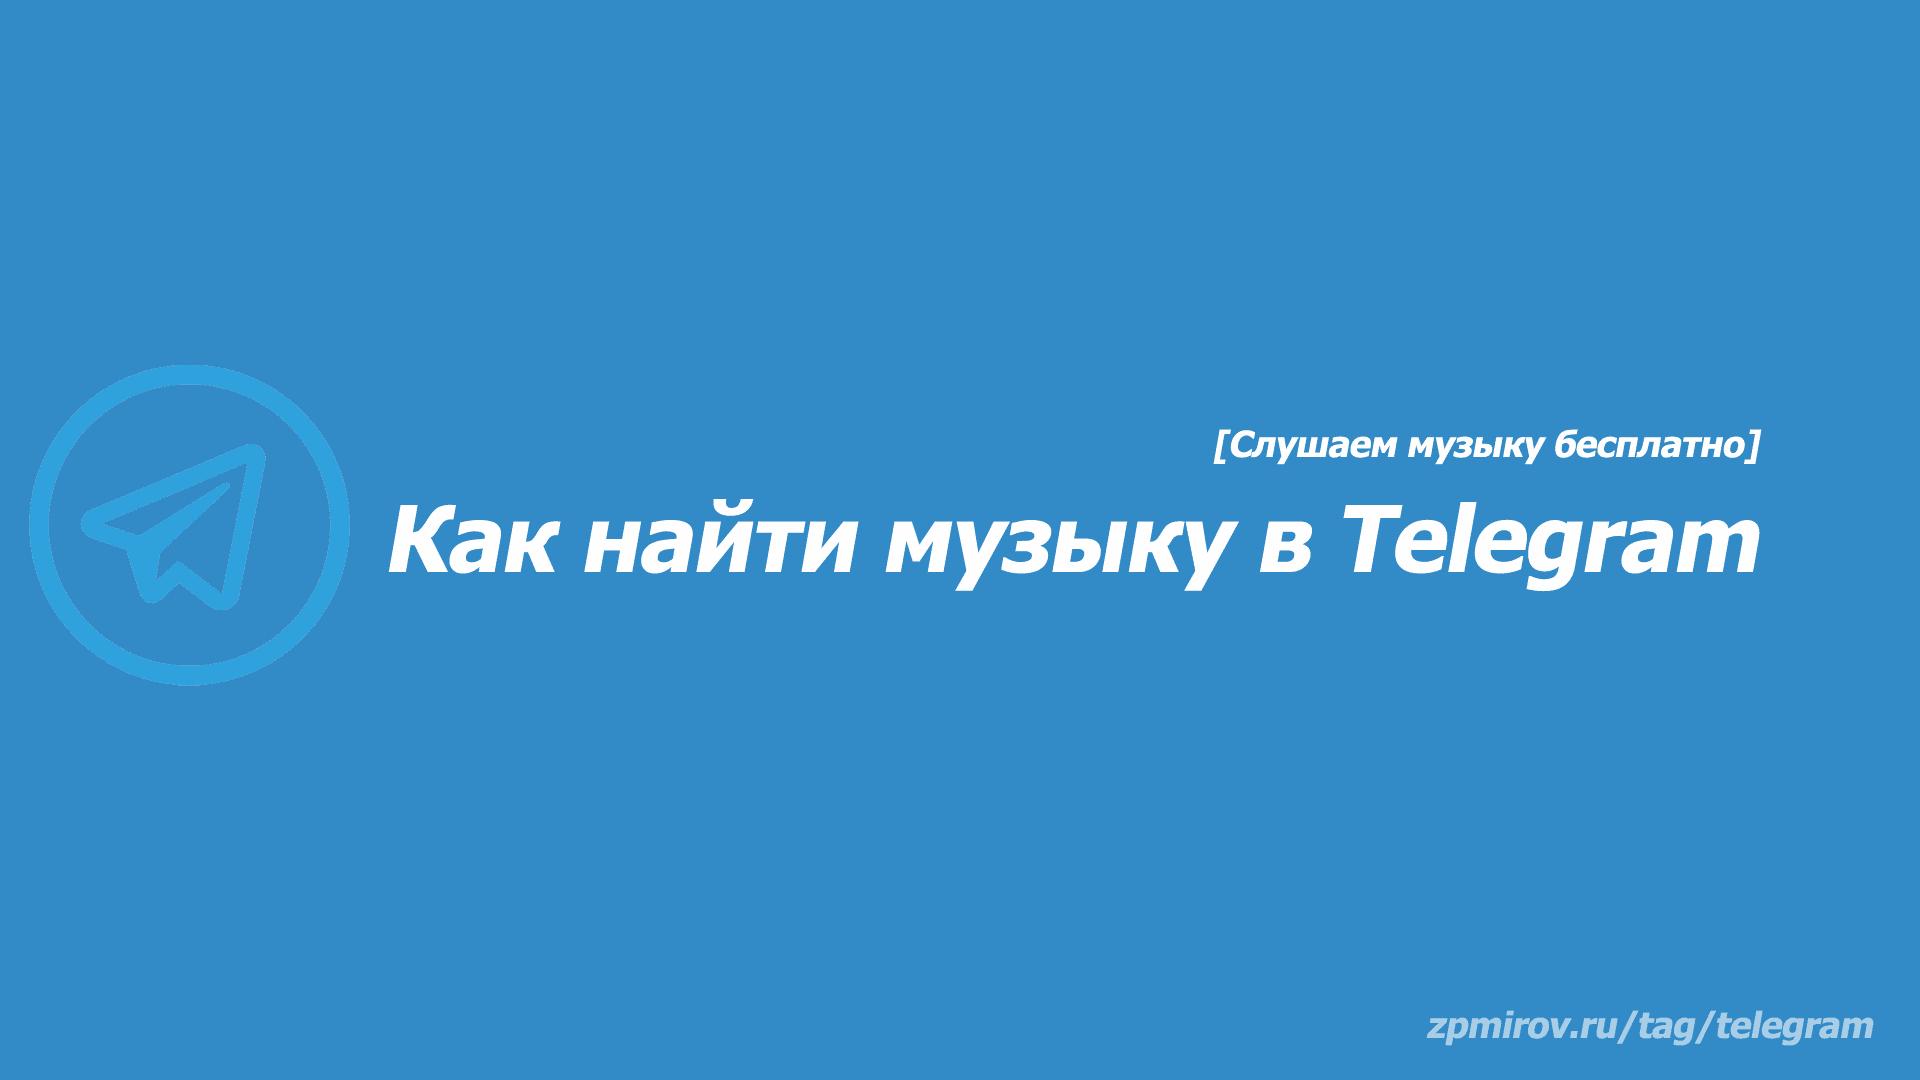 Как найти музыку в Telegram